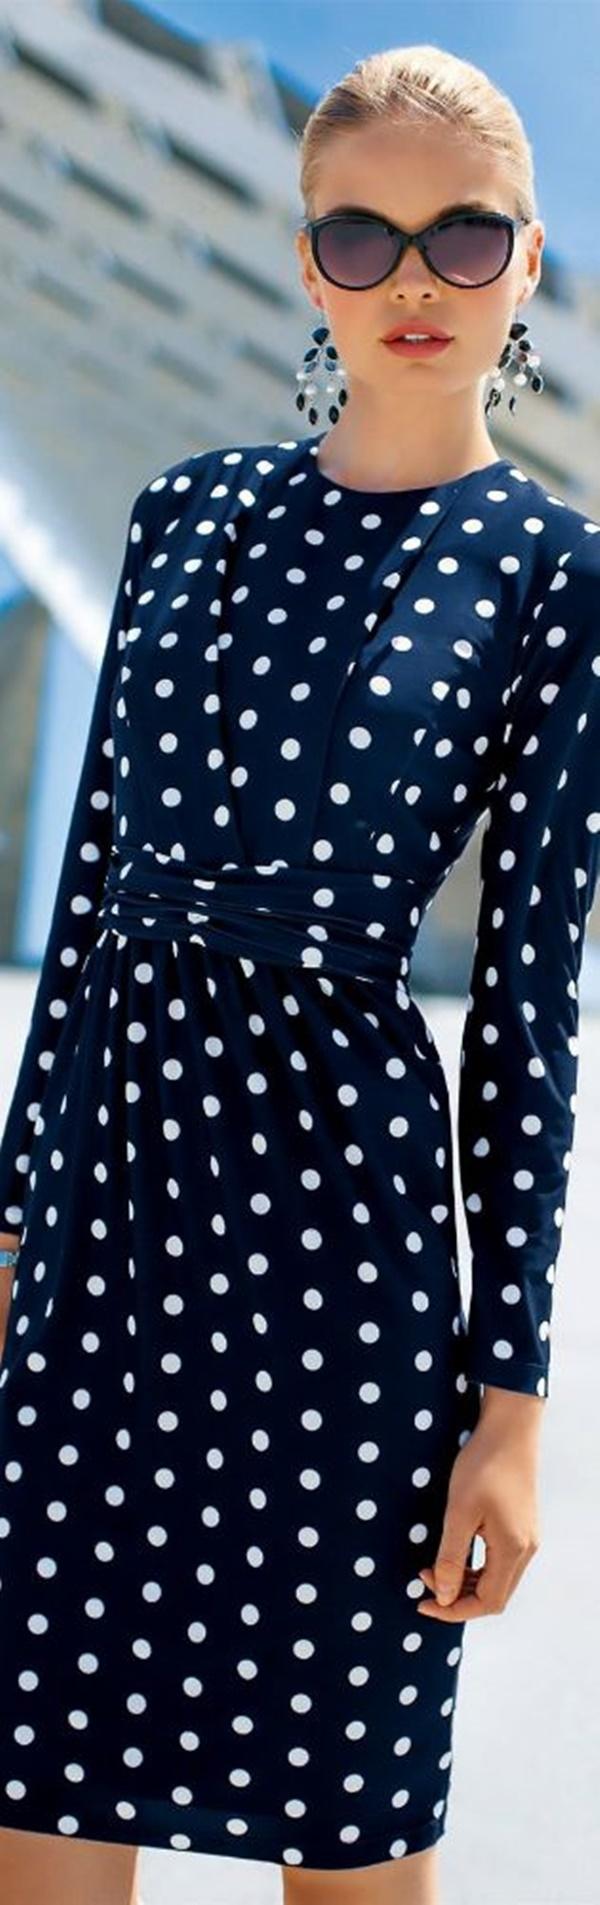 polka dots outfits (55)